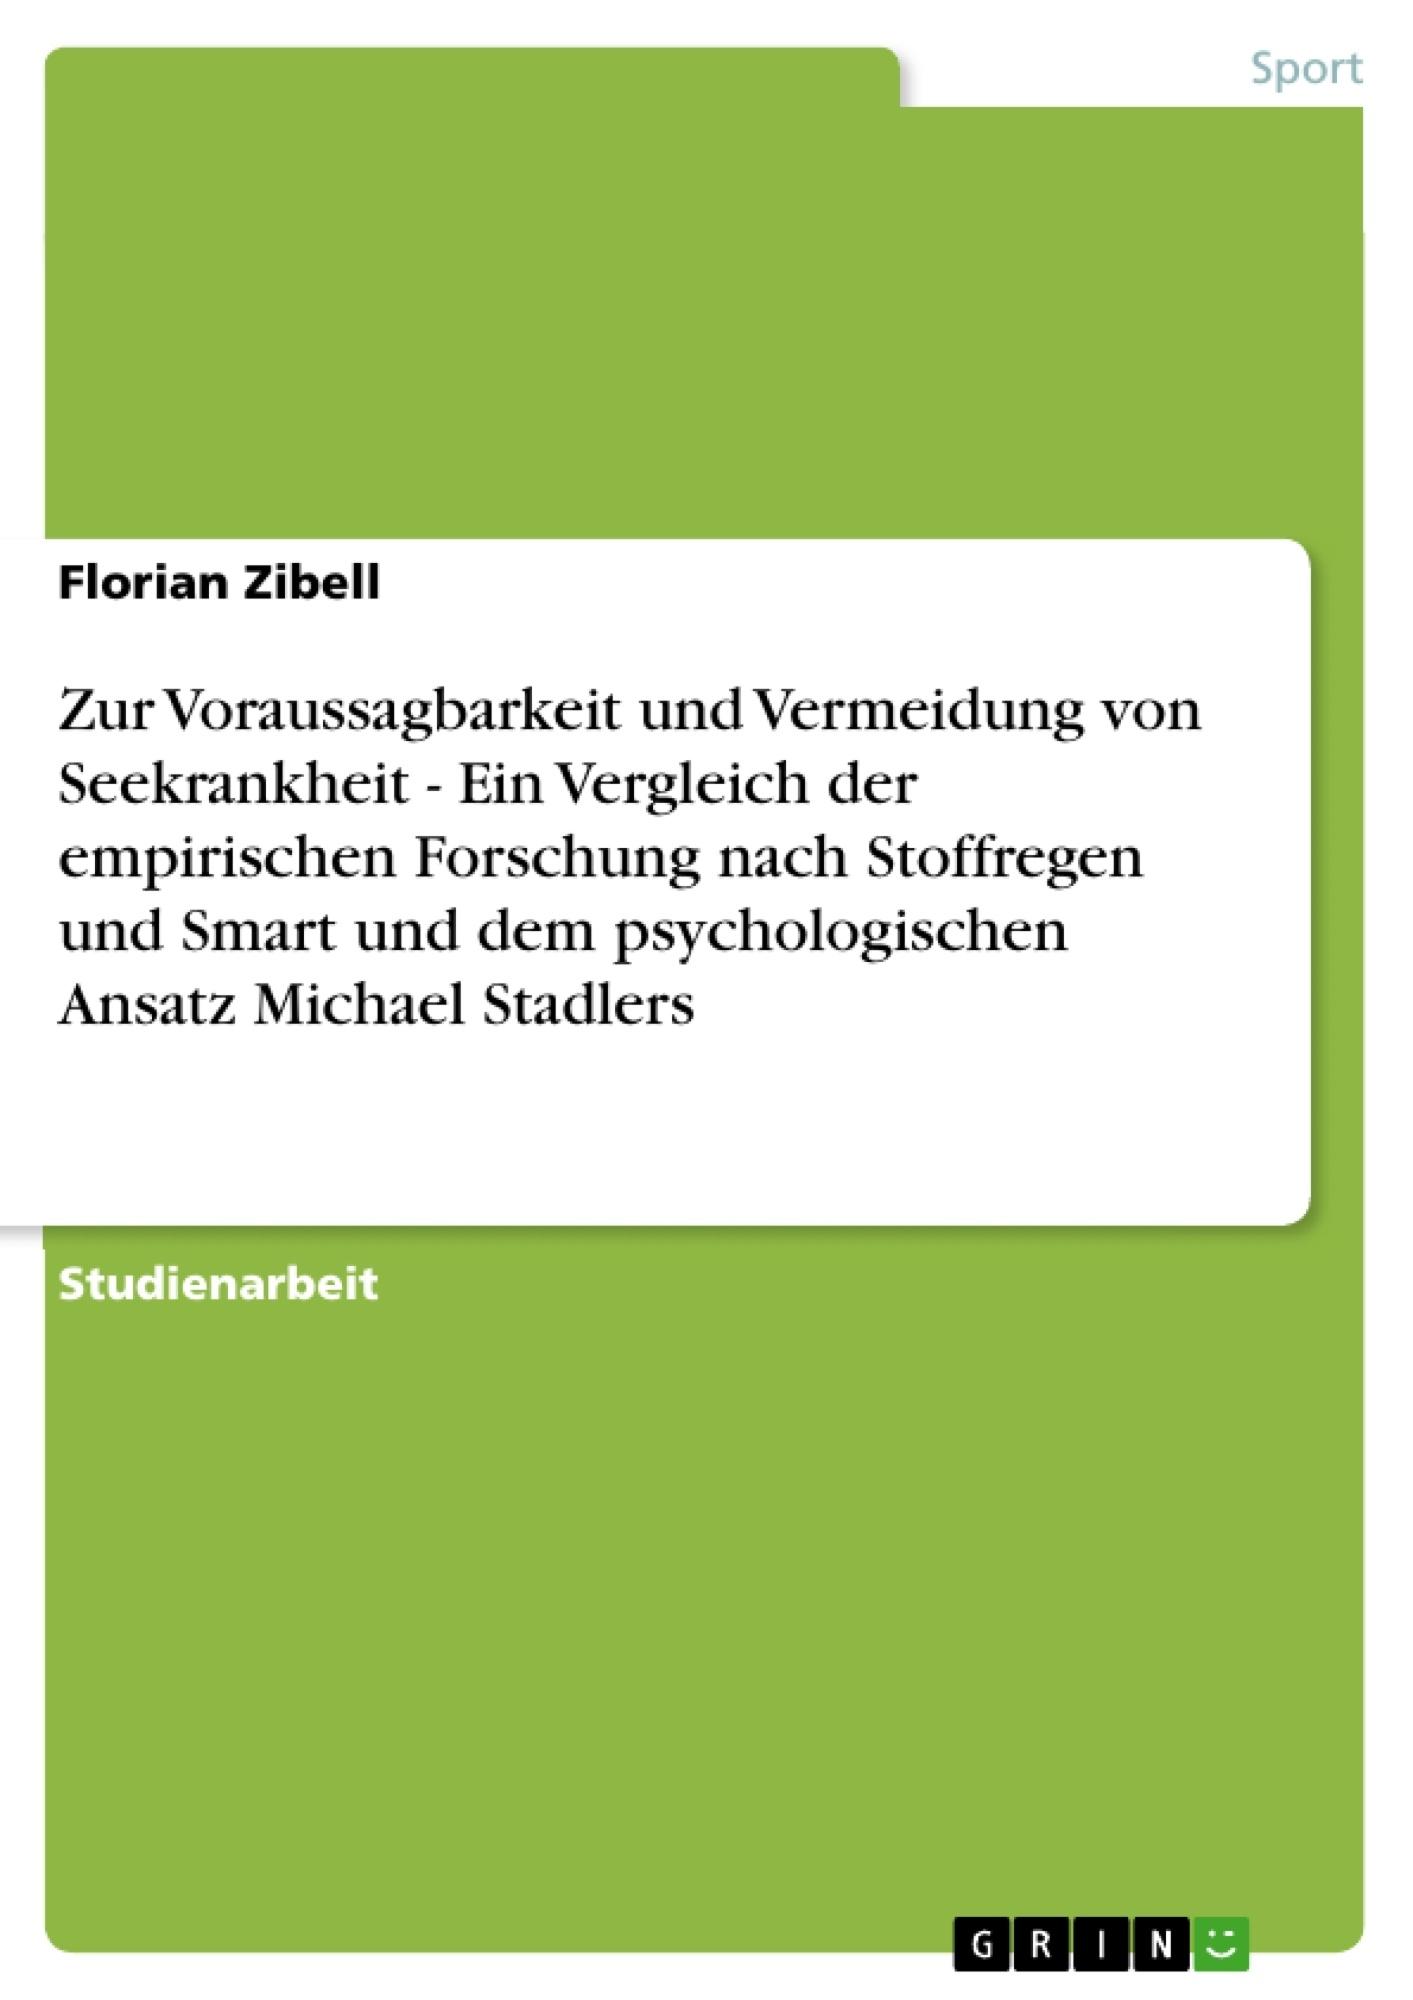 Titel: Zur Voraussagbarkeit und Vermeidung von Seekrankheit - Ein Vergleich der empirischen Forschung nach Stoffregen und Smart und dem psychologischen Ansatz Michael Stadlers